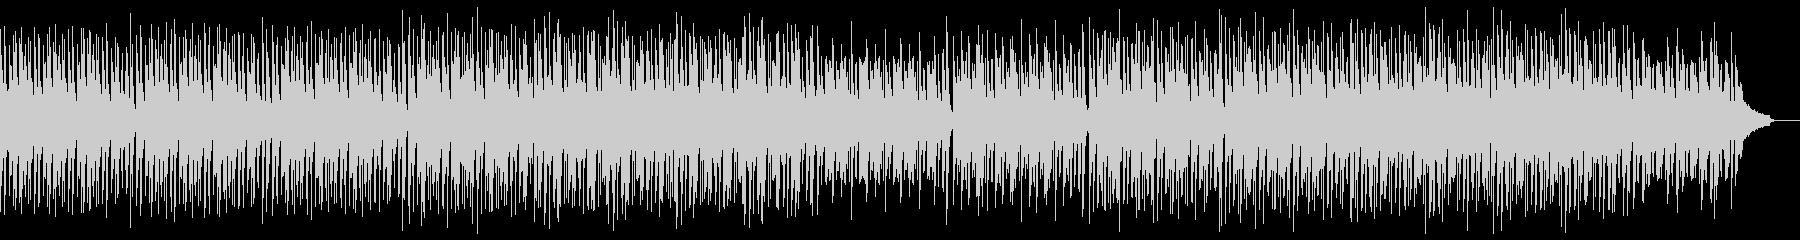 明るく前向きなピアノポップ:ドラムなしの未再生の波形